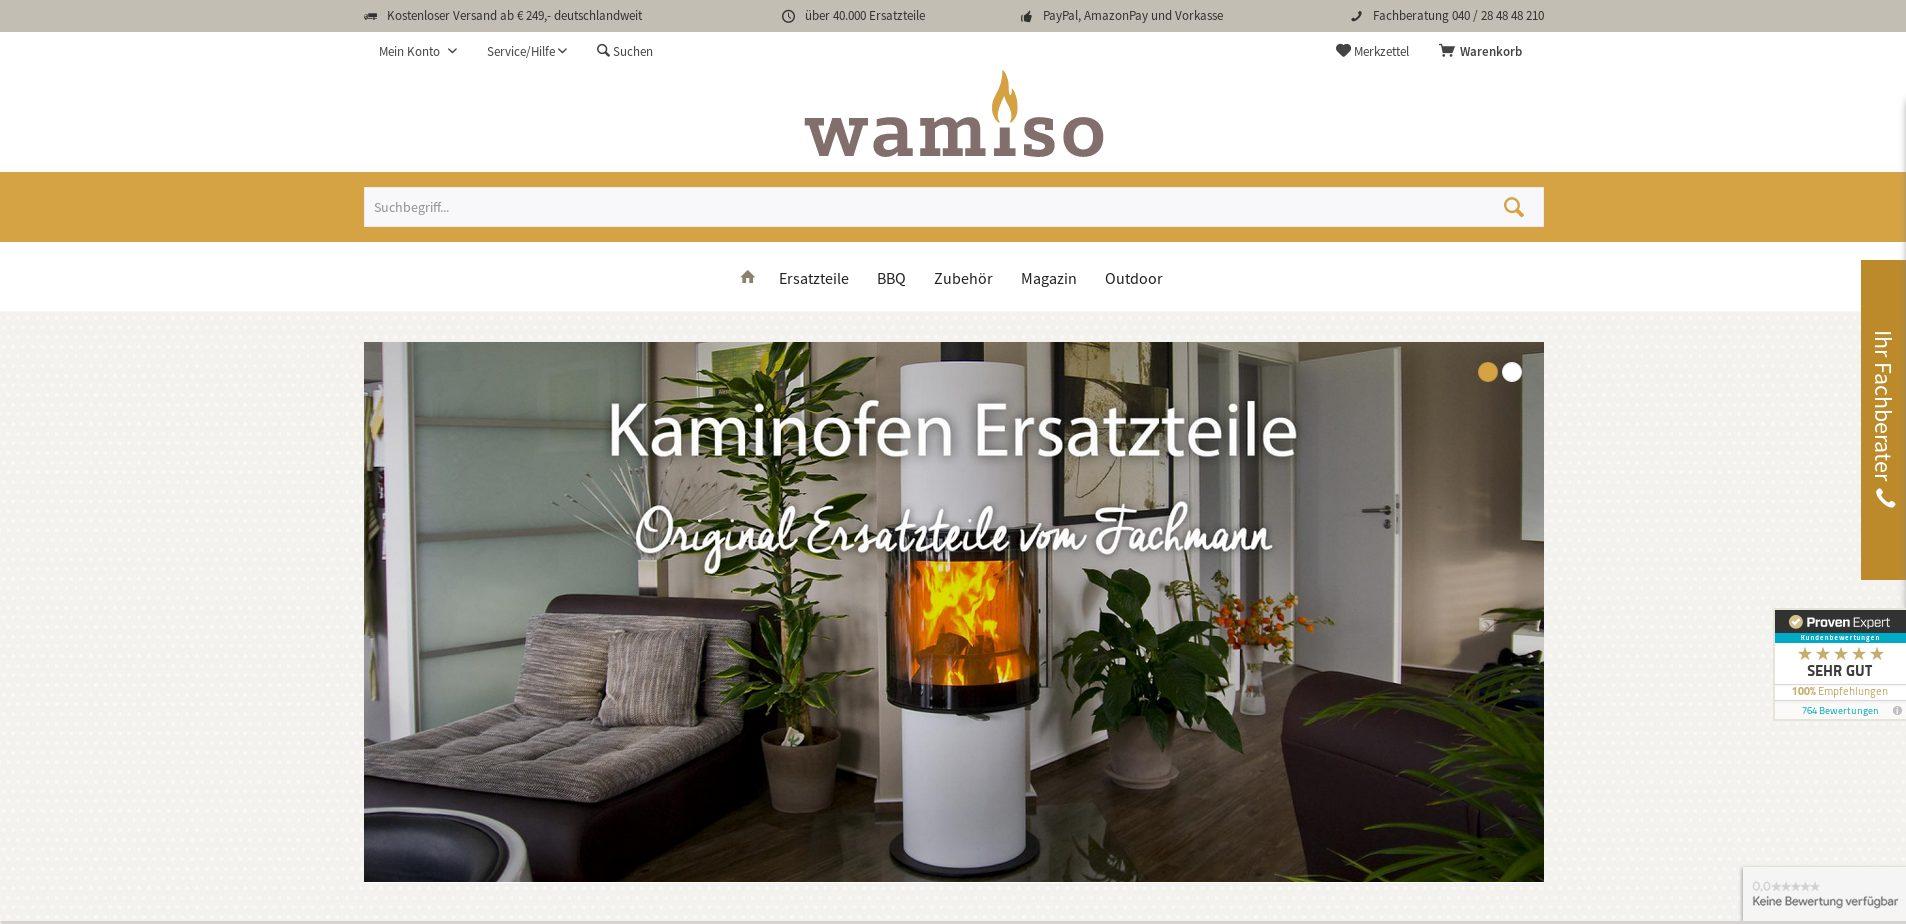 wamiso.com